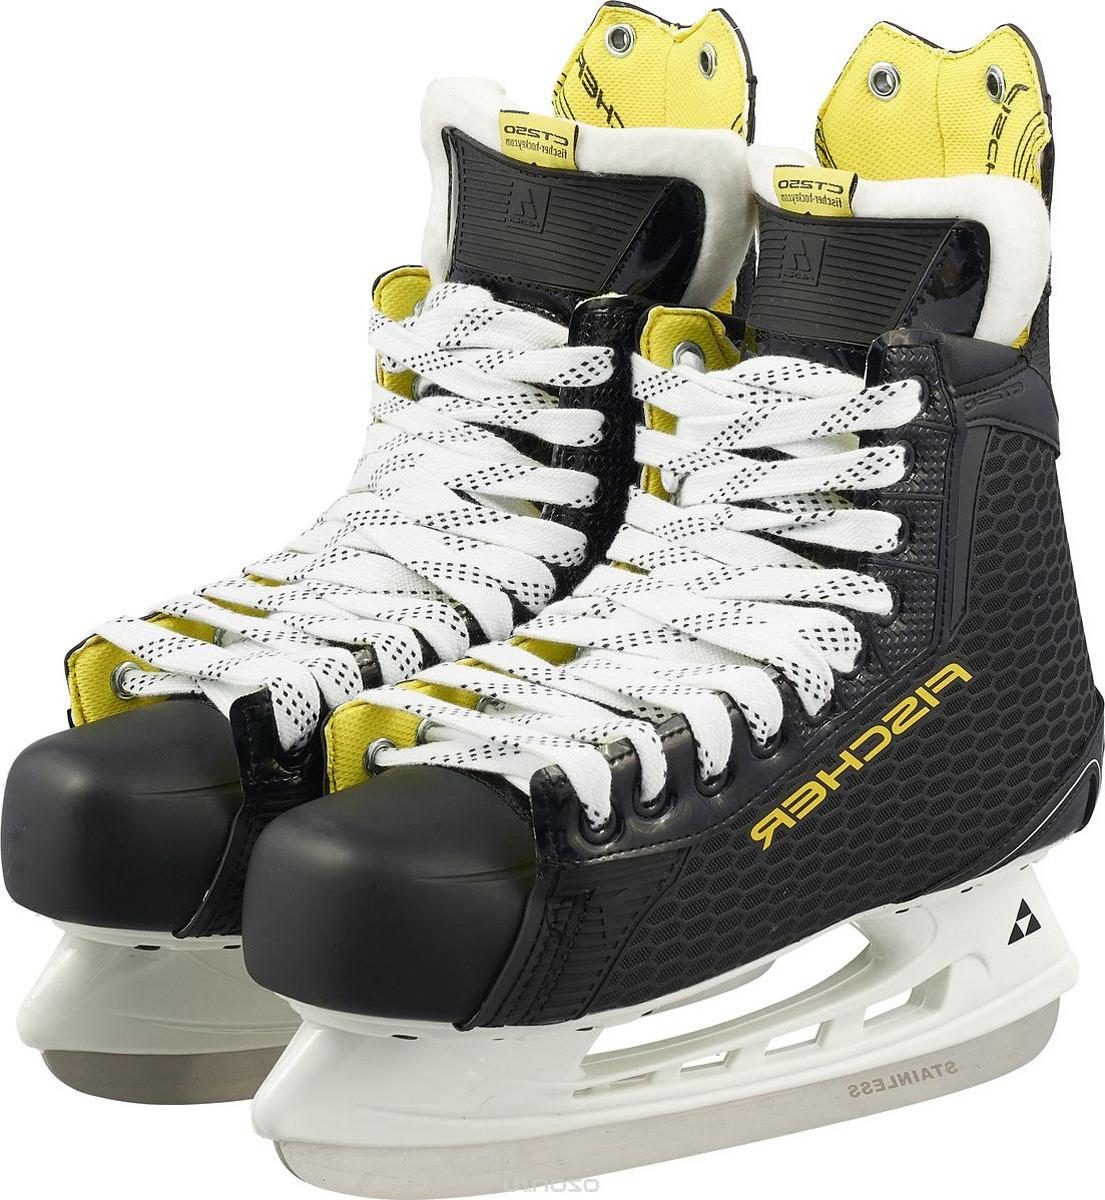 Коньки хоккейные мужские Fischer CT250 SR, цвет: черный. H04017. Размер 39 коньки хоккейные мужские bauer supreme s150 цвет черный 1048623 размер 47